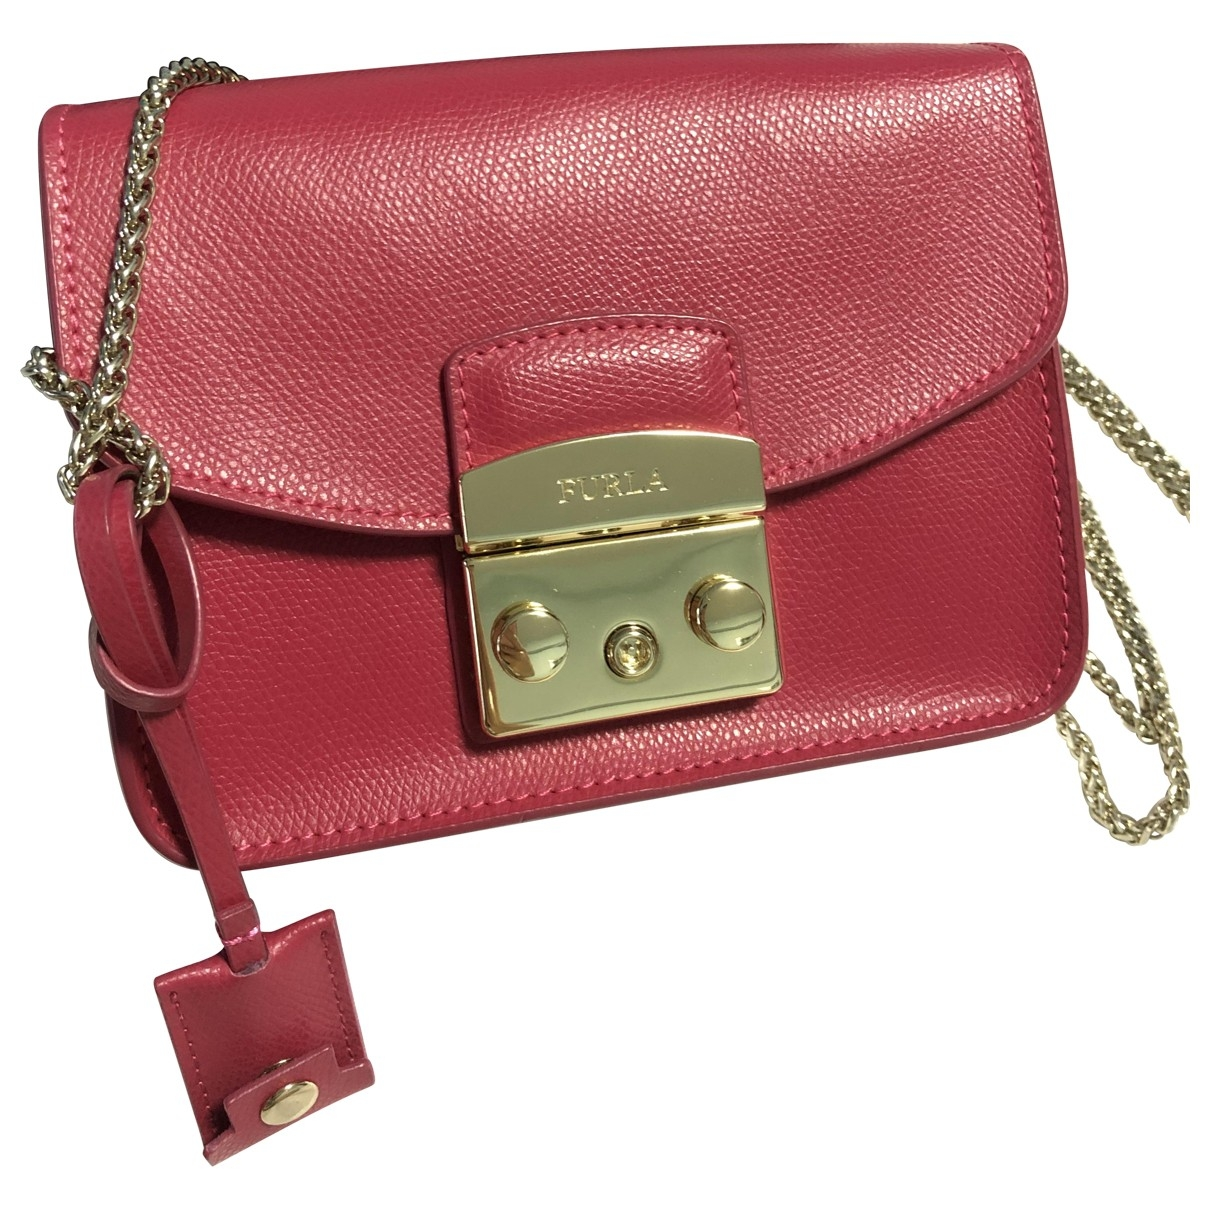 Furla Metropolis Handtasche in  Rot Leder